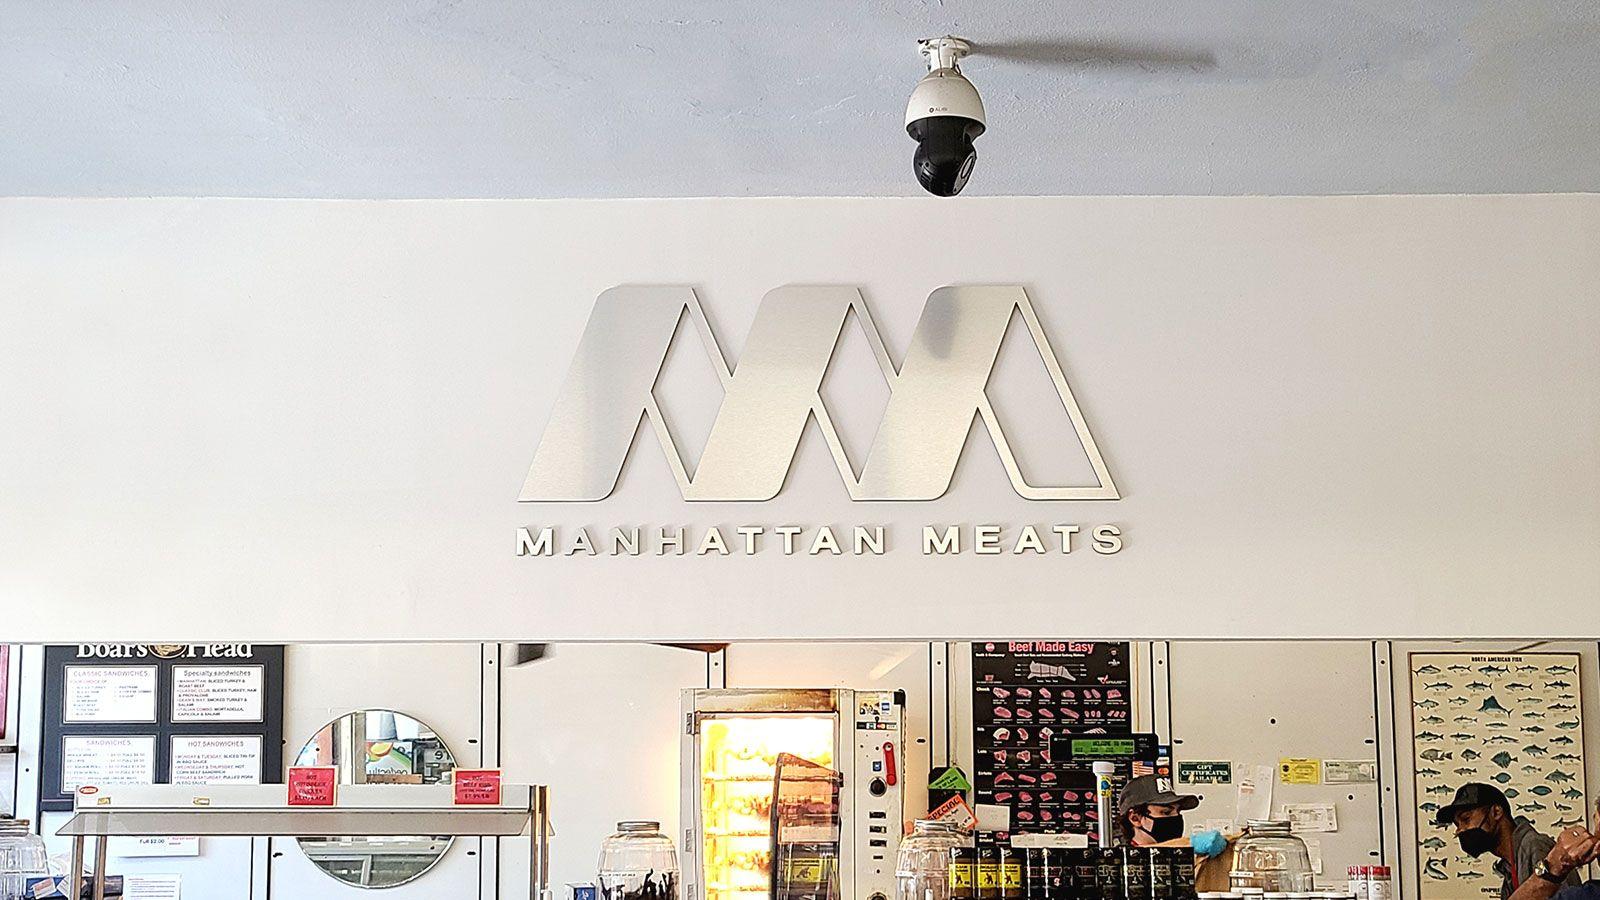 Manhattan meats 3d letters